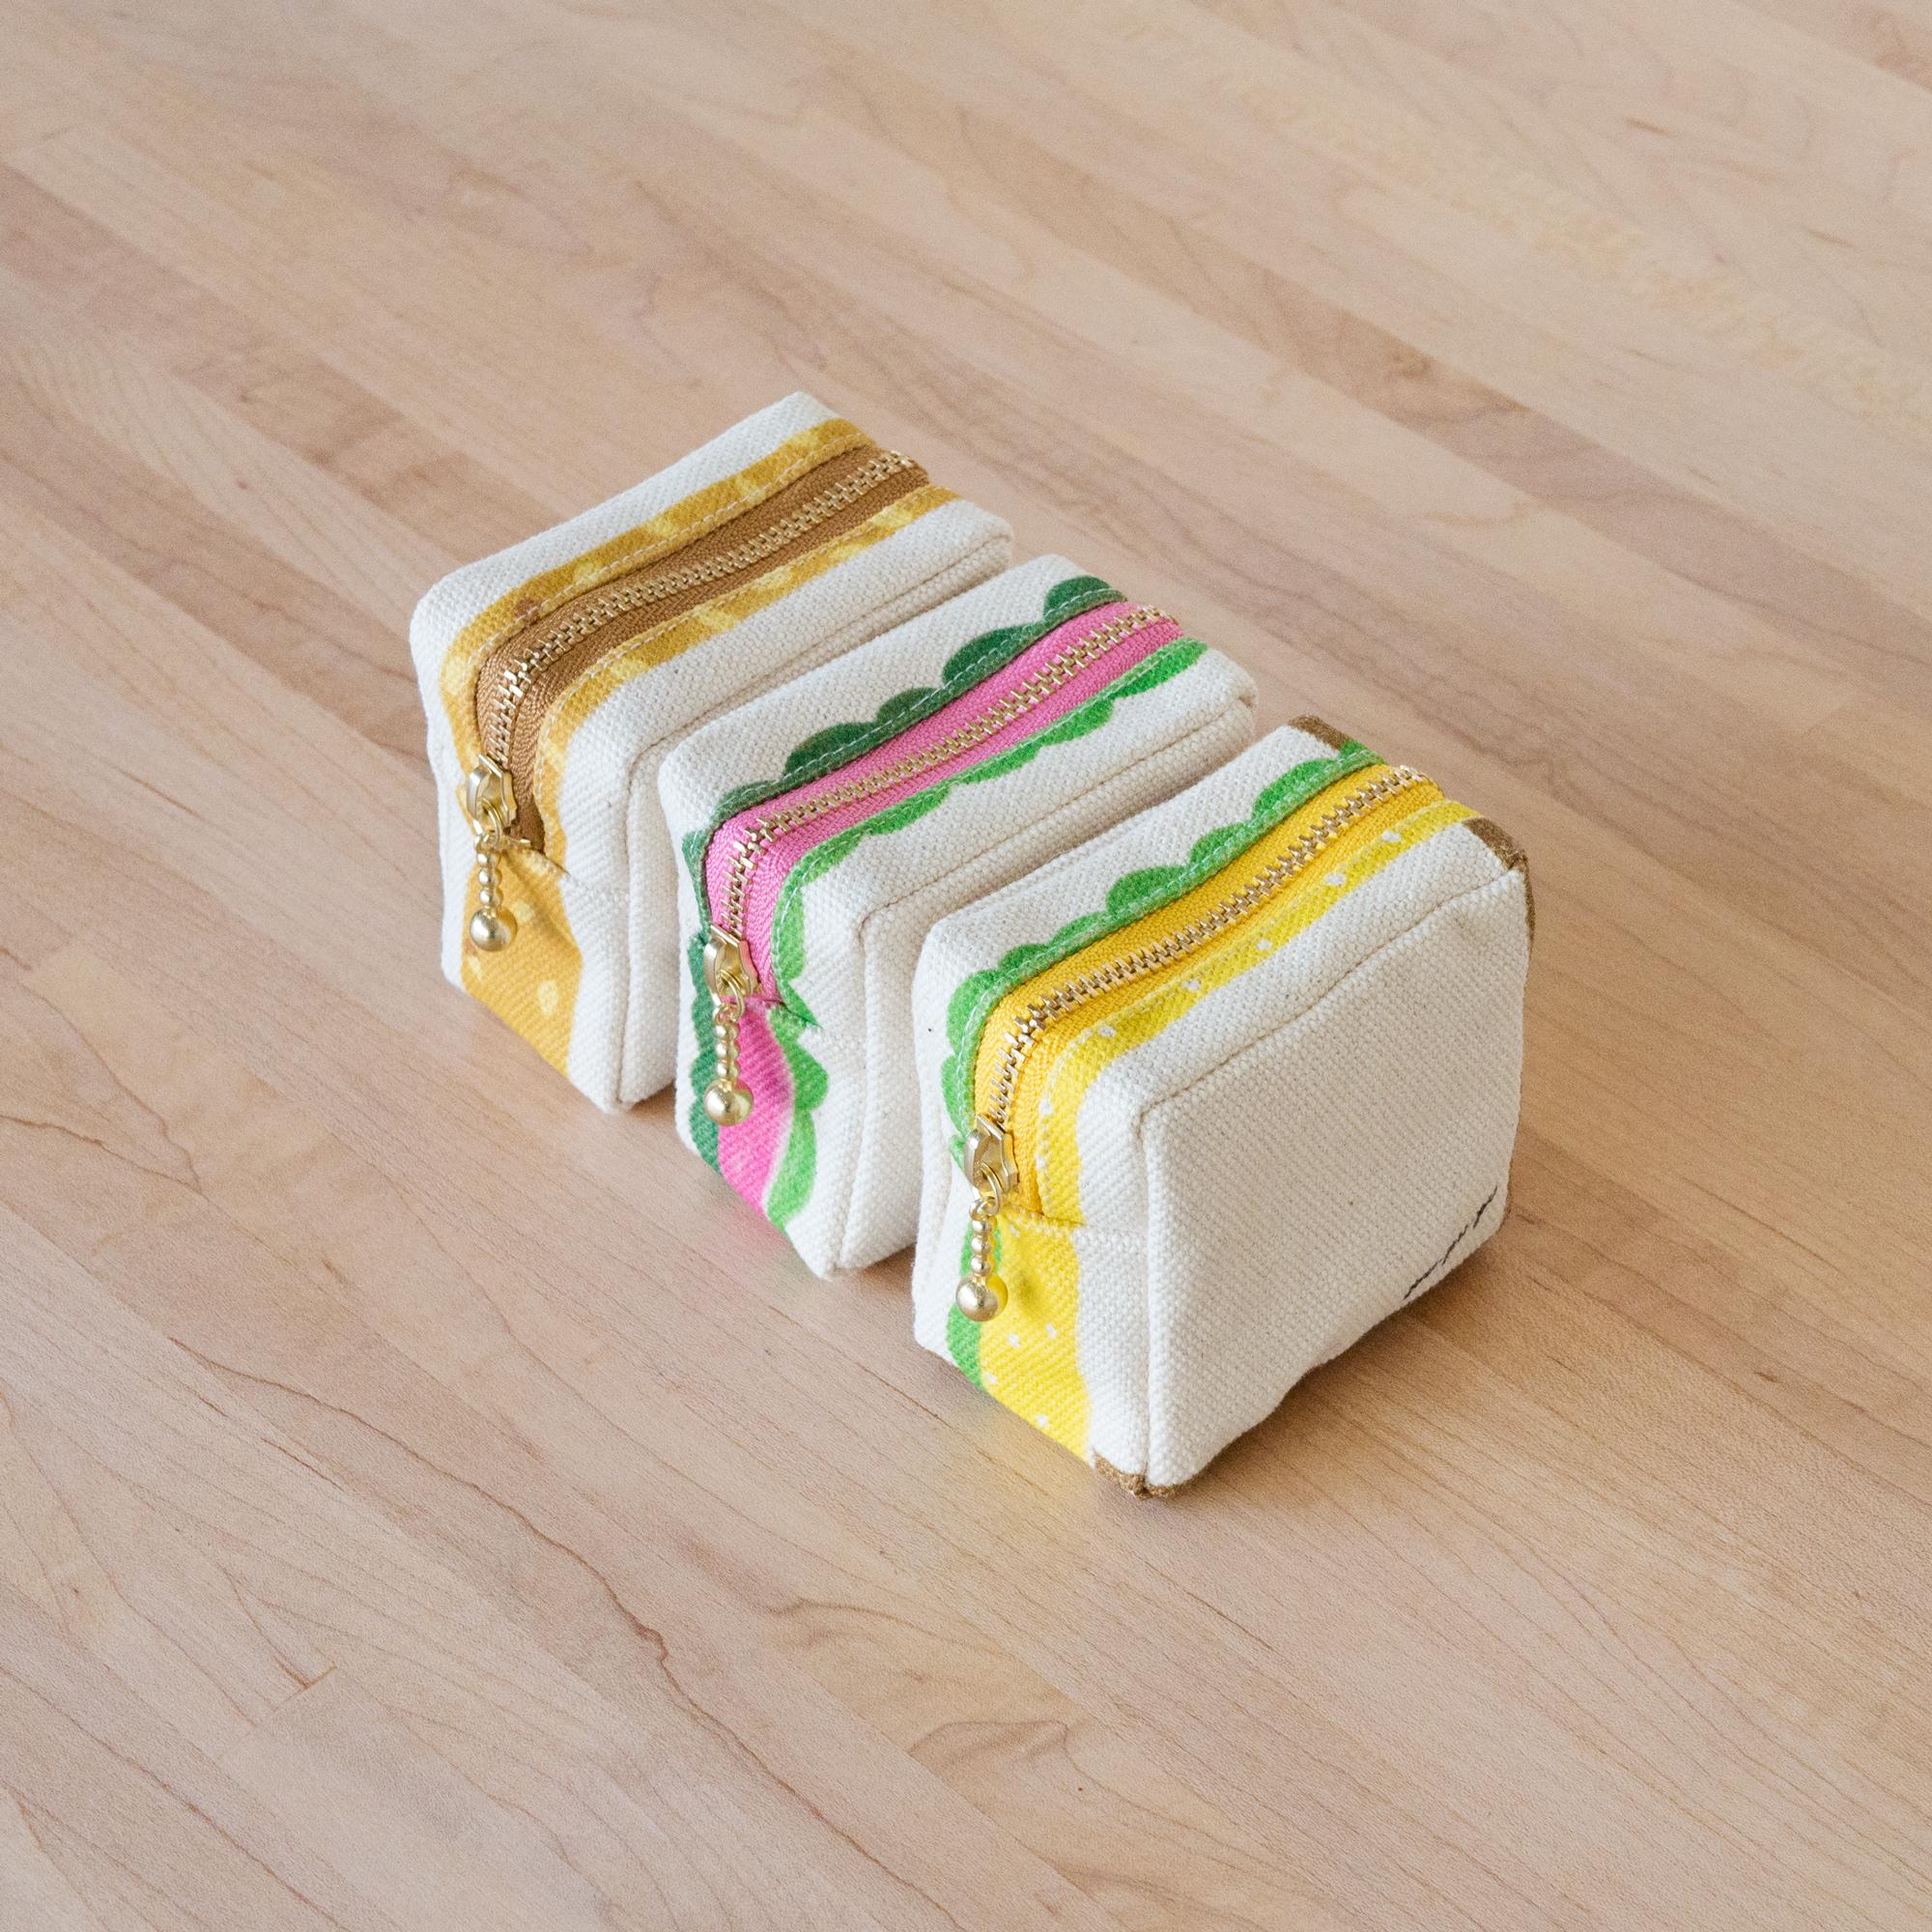 ひとくちのサンドイッチポーチ 第1弾